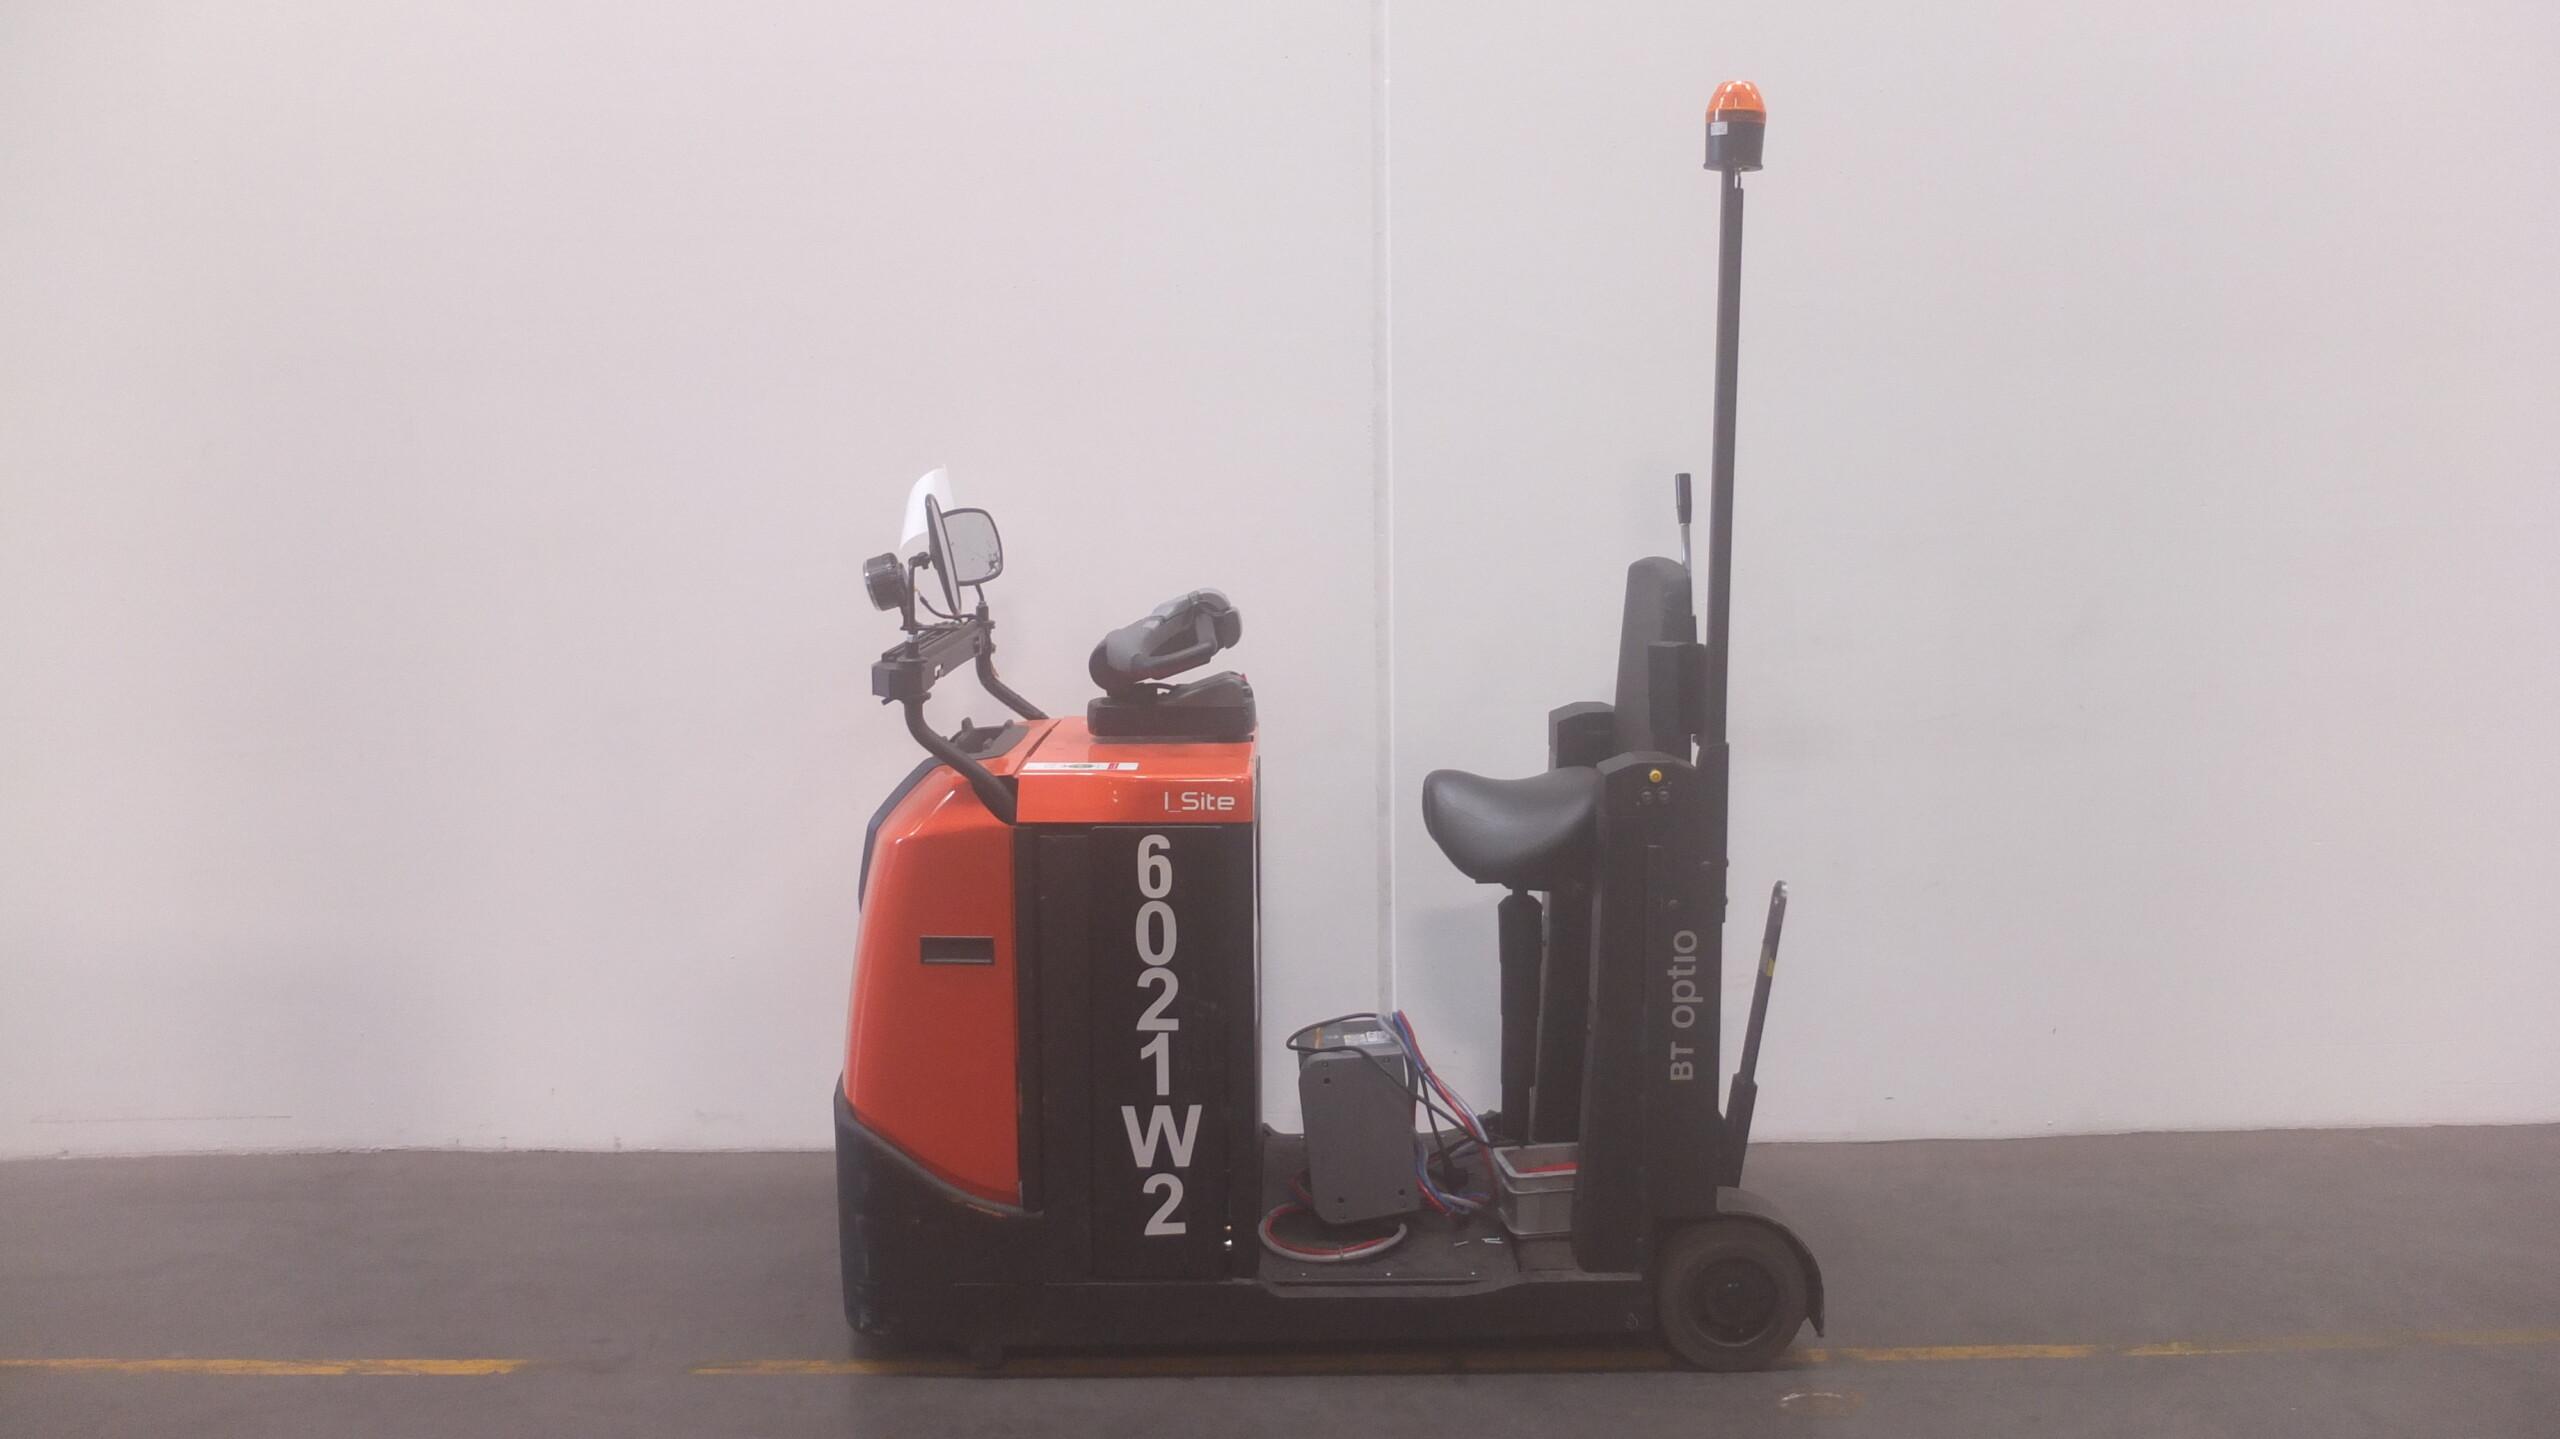 Toyota-Gabelstapler-59840 1707017463 1 80 scaled